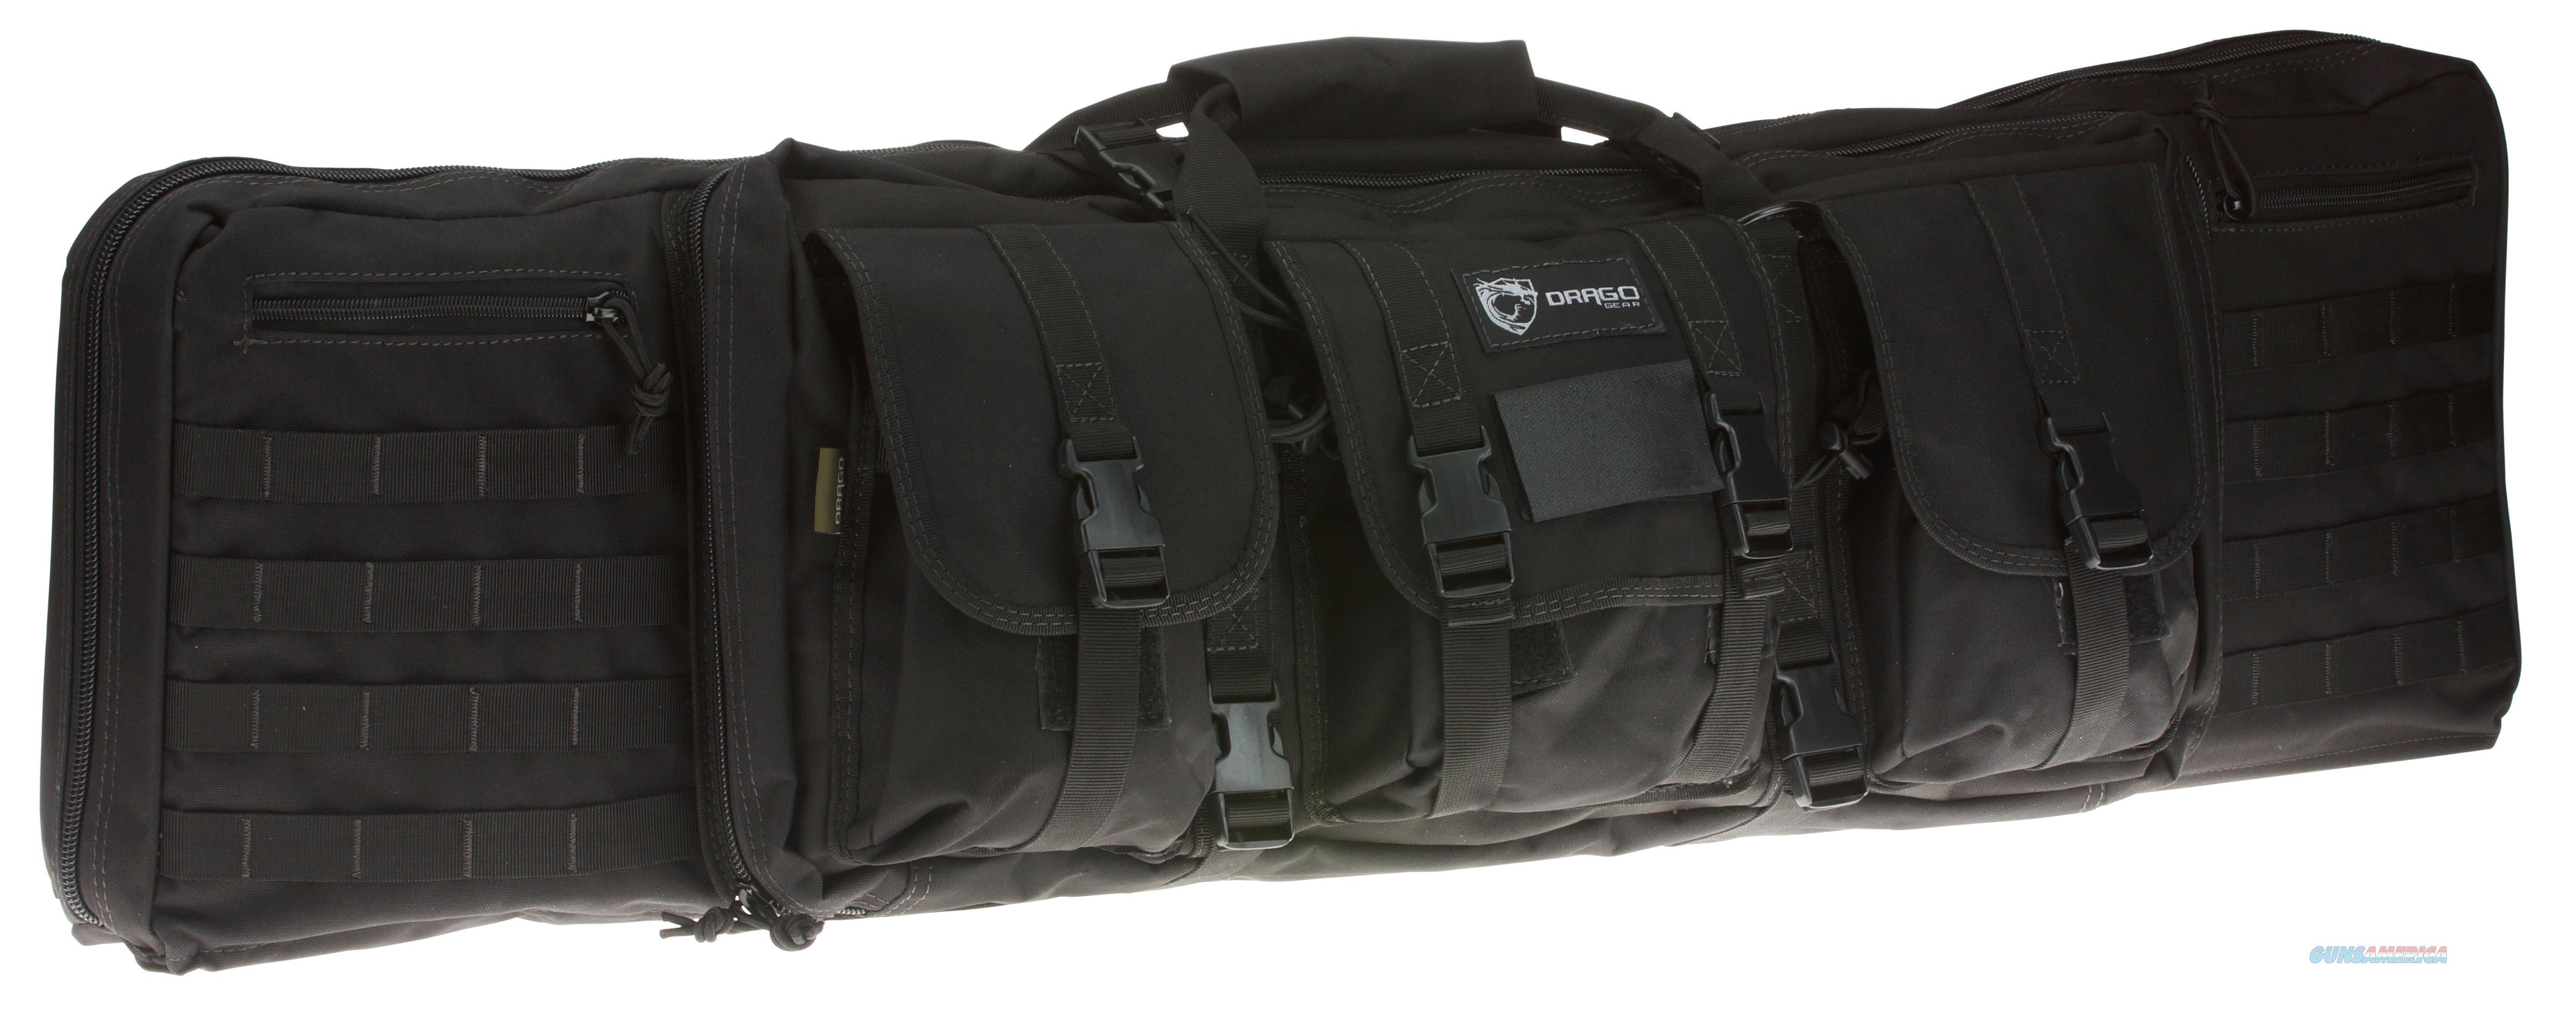 """Drago Gear 12-303Bl Single Gun Case 43"""" X 11.5"""" X 10"""" Exterior 600D Polyester Black 12-303BL  Non-Guns > Gun Cases"""